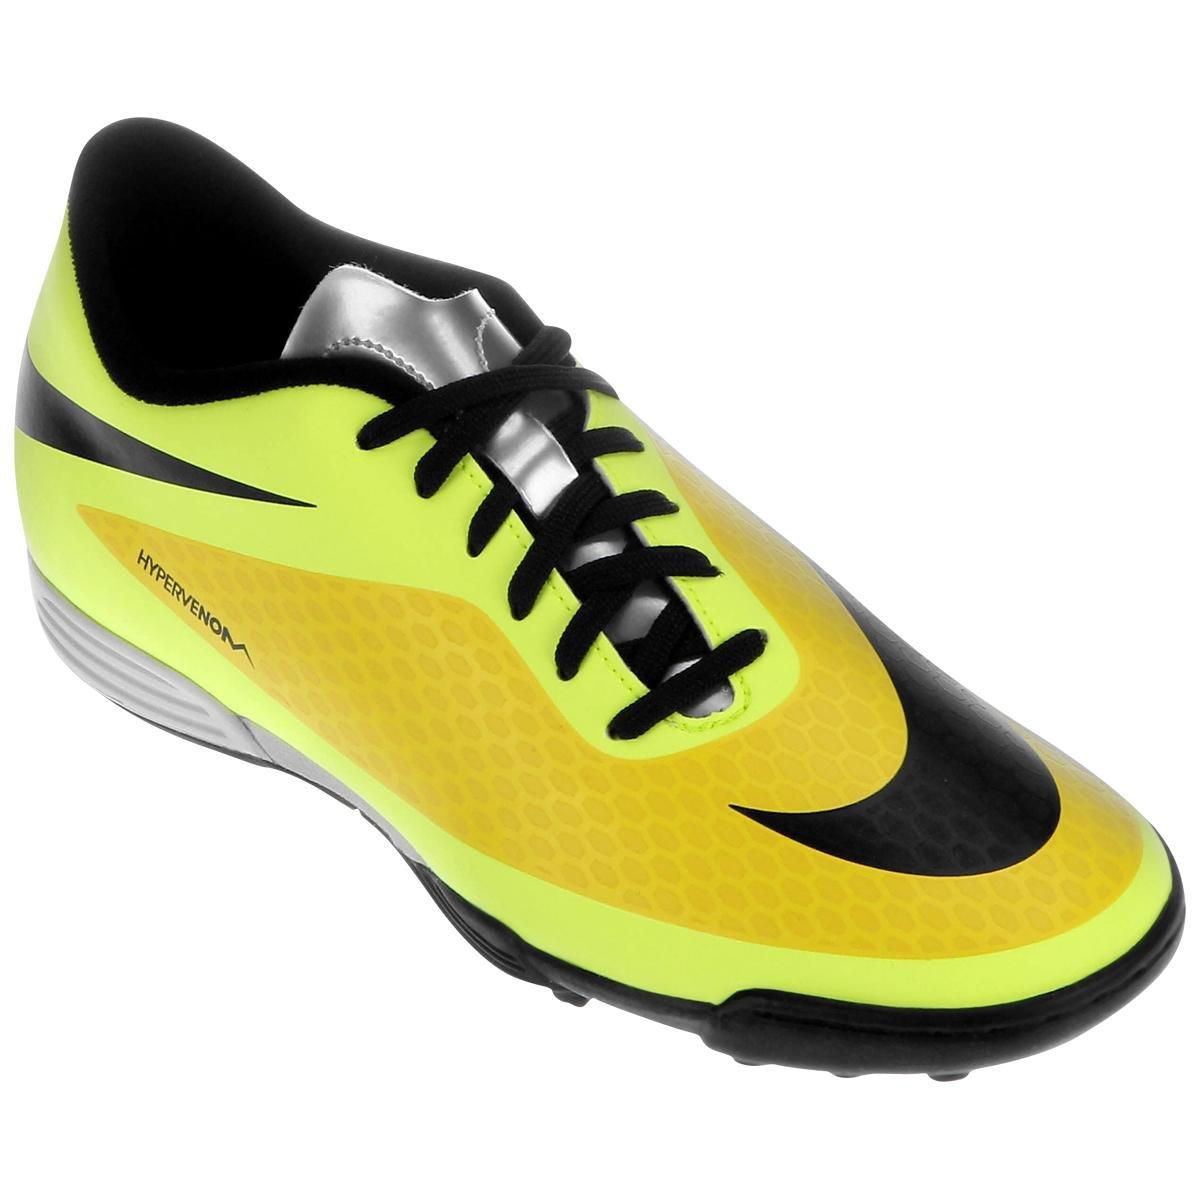 Chuteira Nike Hypervenom Phade TF - Compre Agora  9c615334ec70b